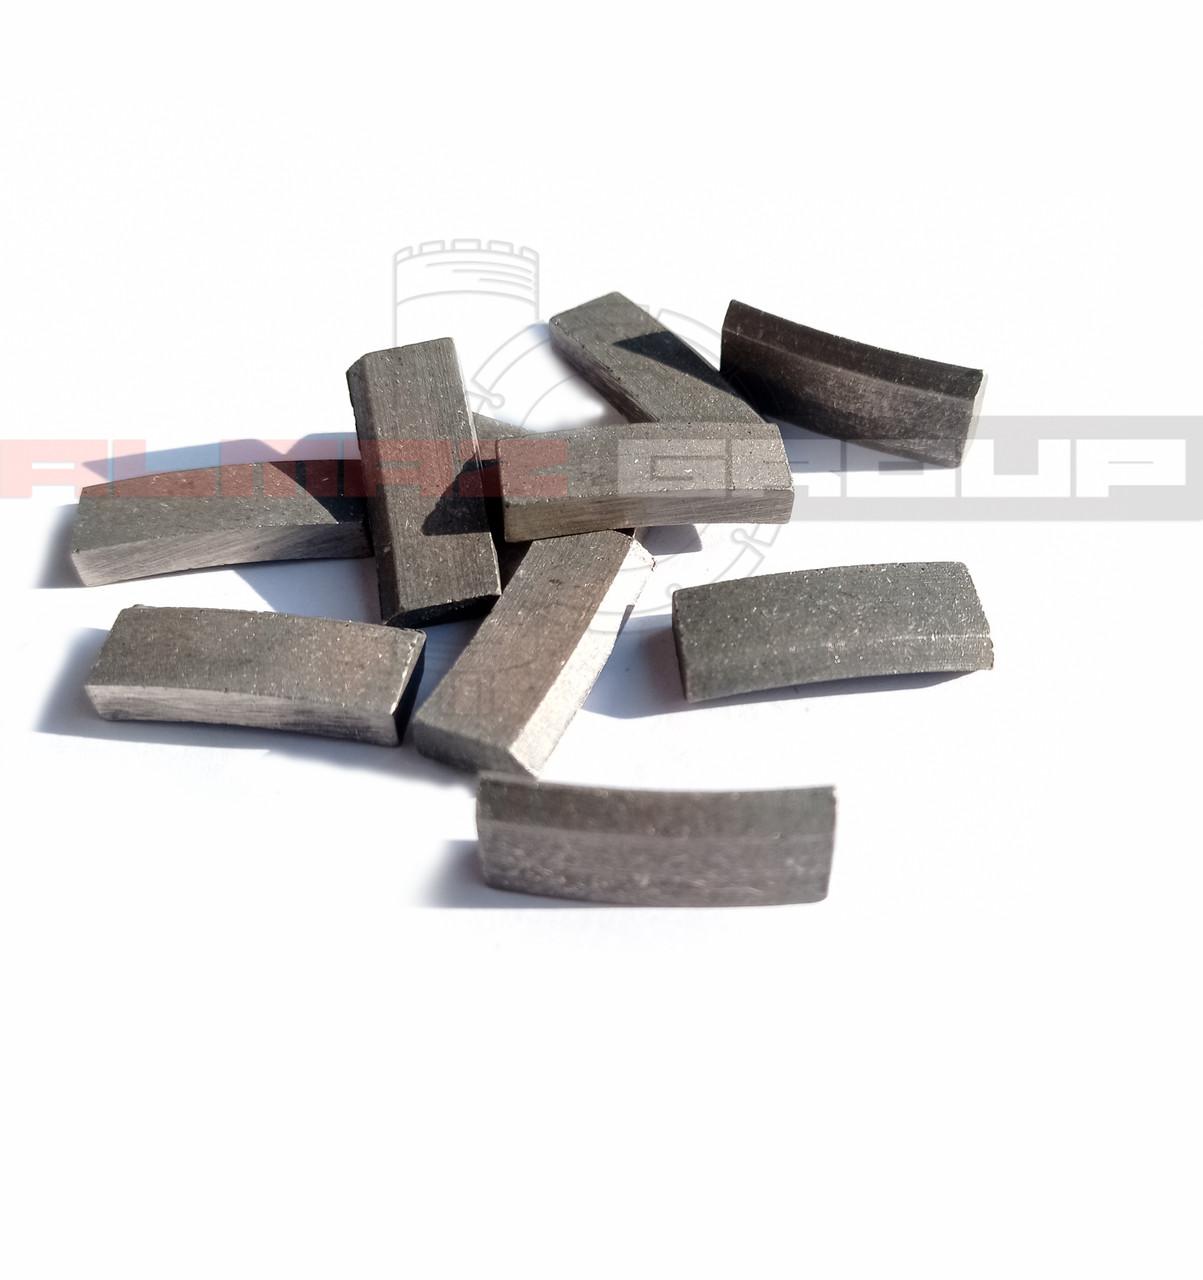 Реставрация алмазных коронок Ø 62 сегментом Standart-Х по выгодной цене.